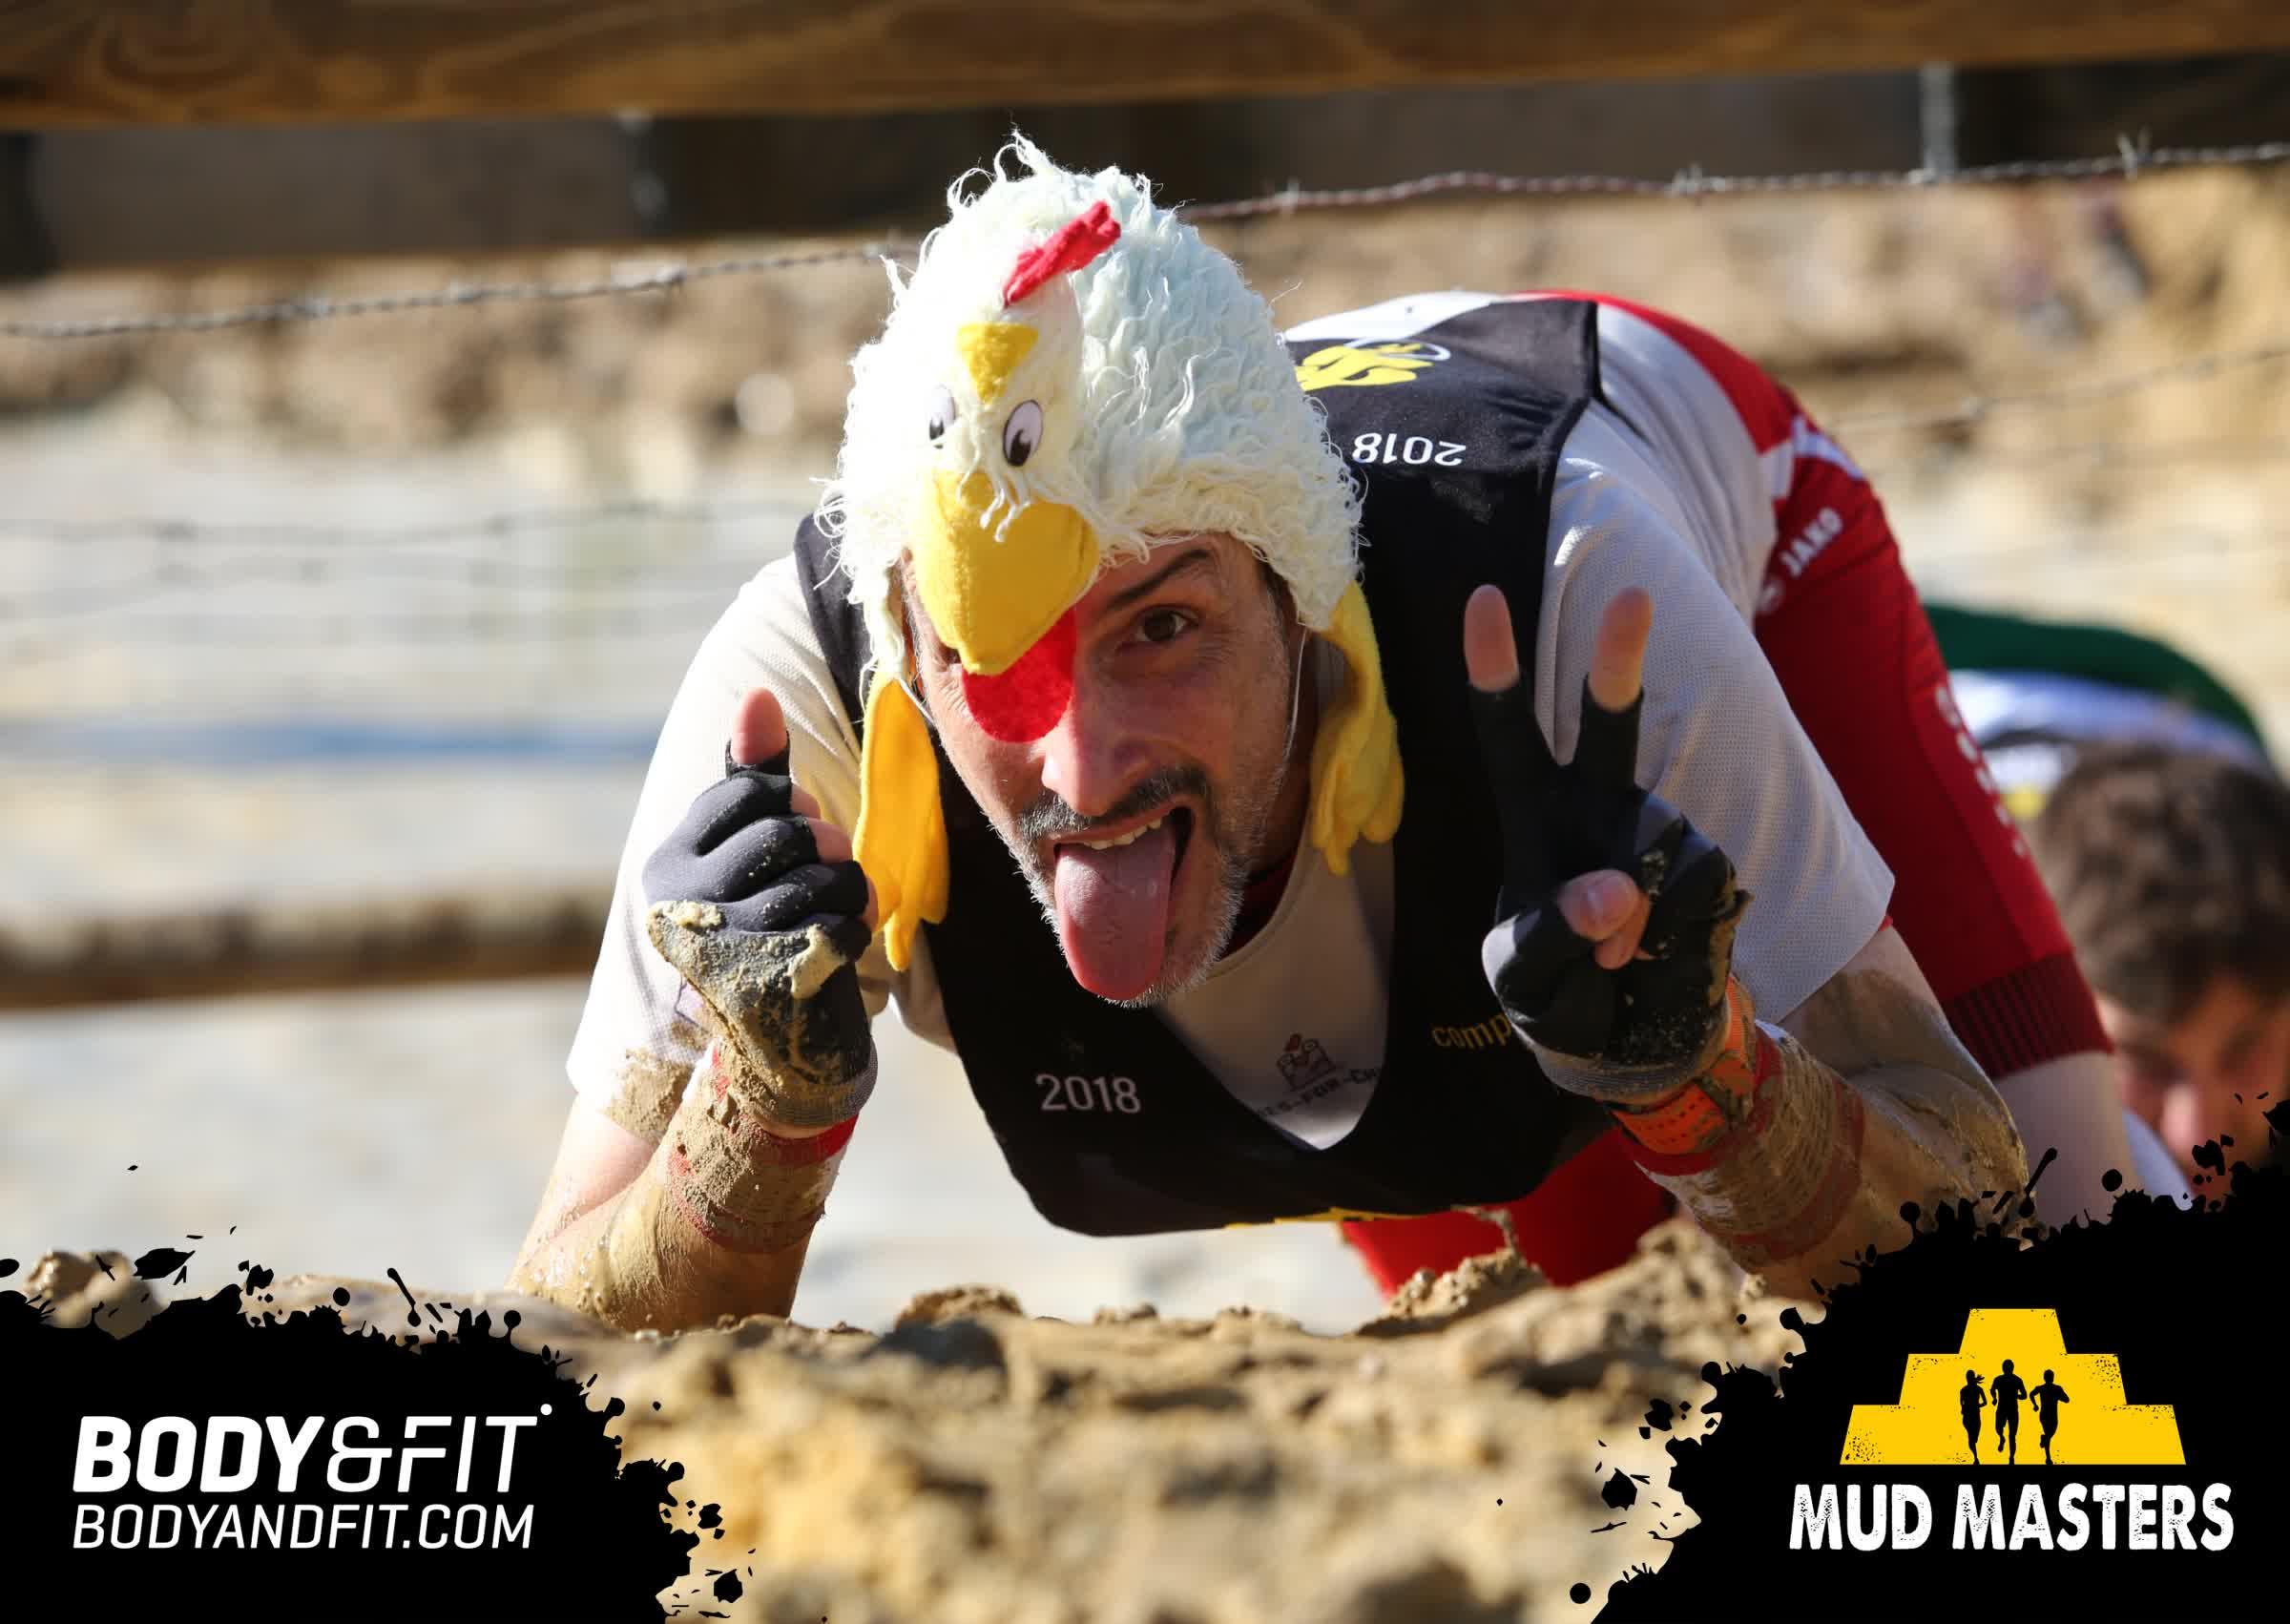 Mud Masters Obstacle Run 24 Hours Games, Hindernislauf Deutschland, Tough Chicken